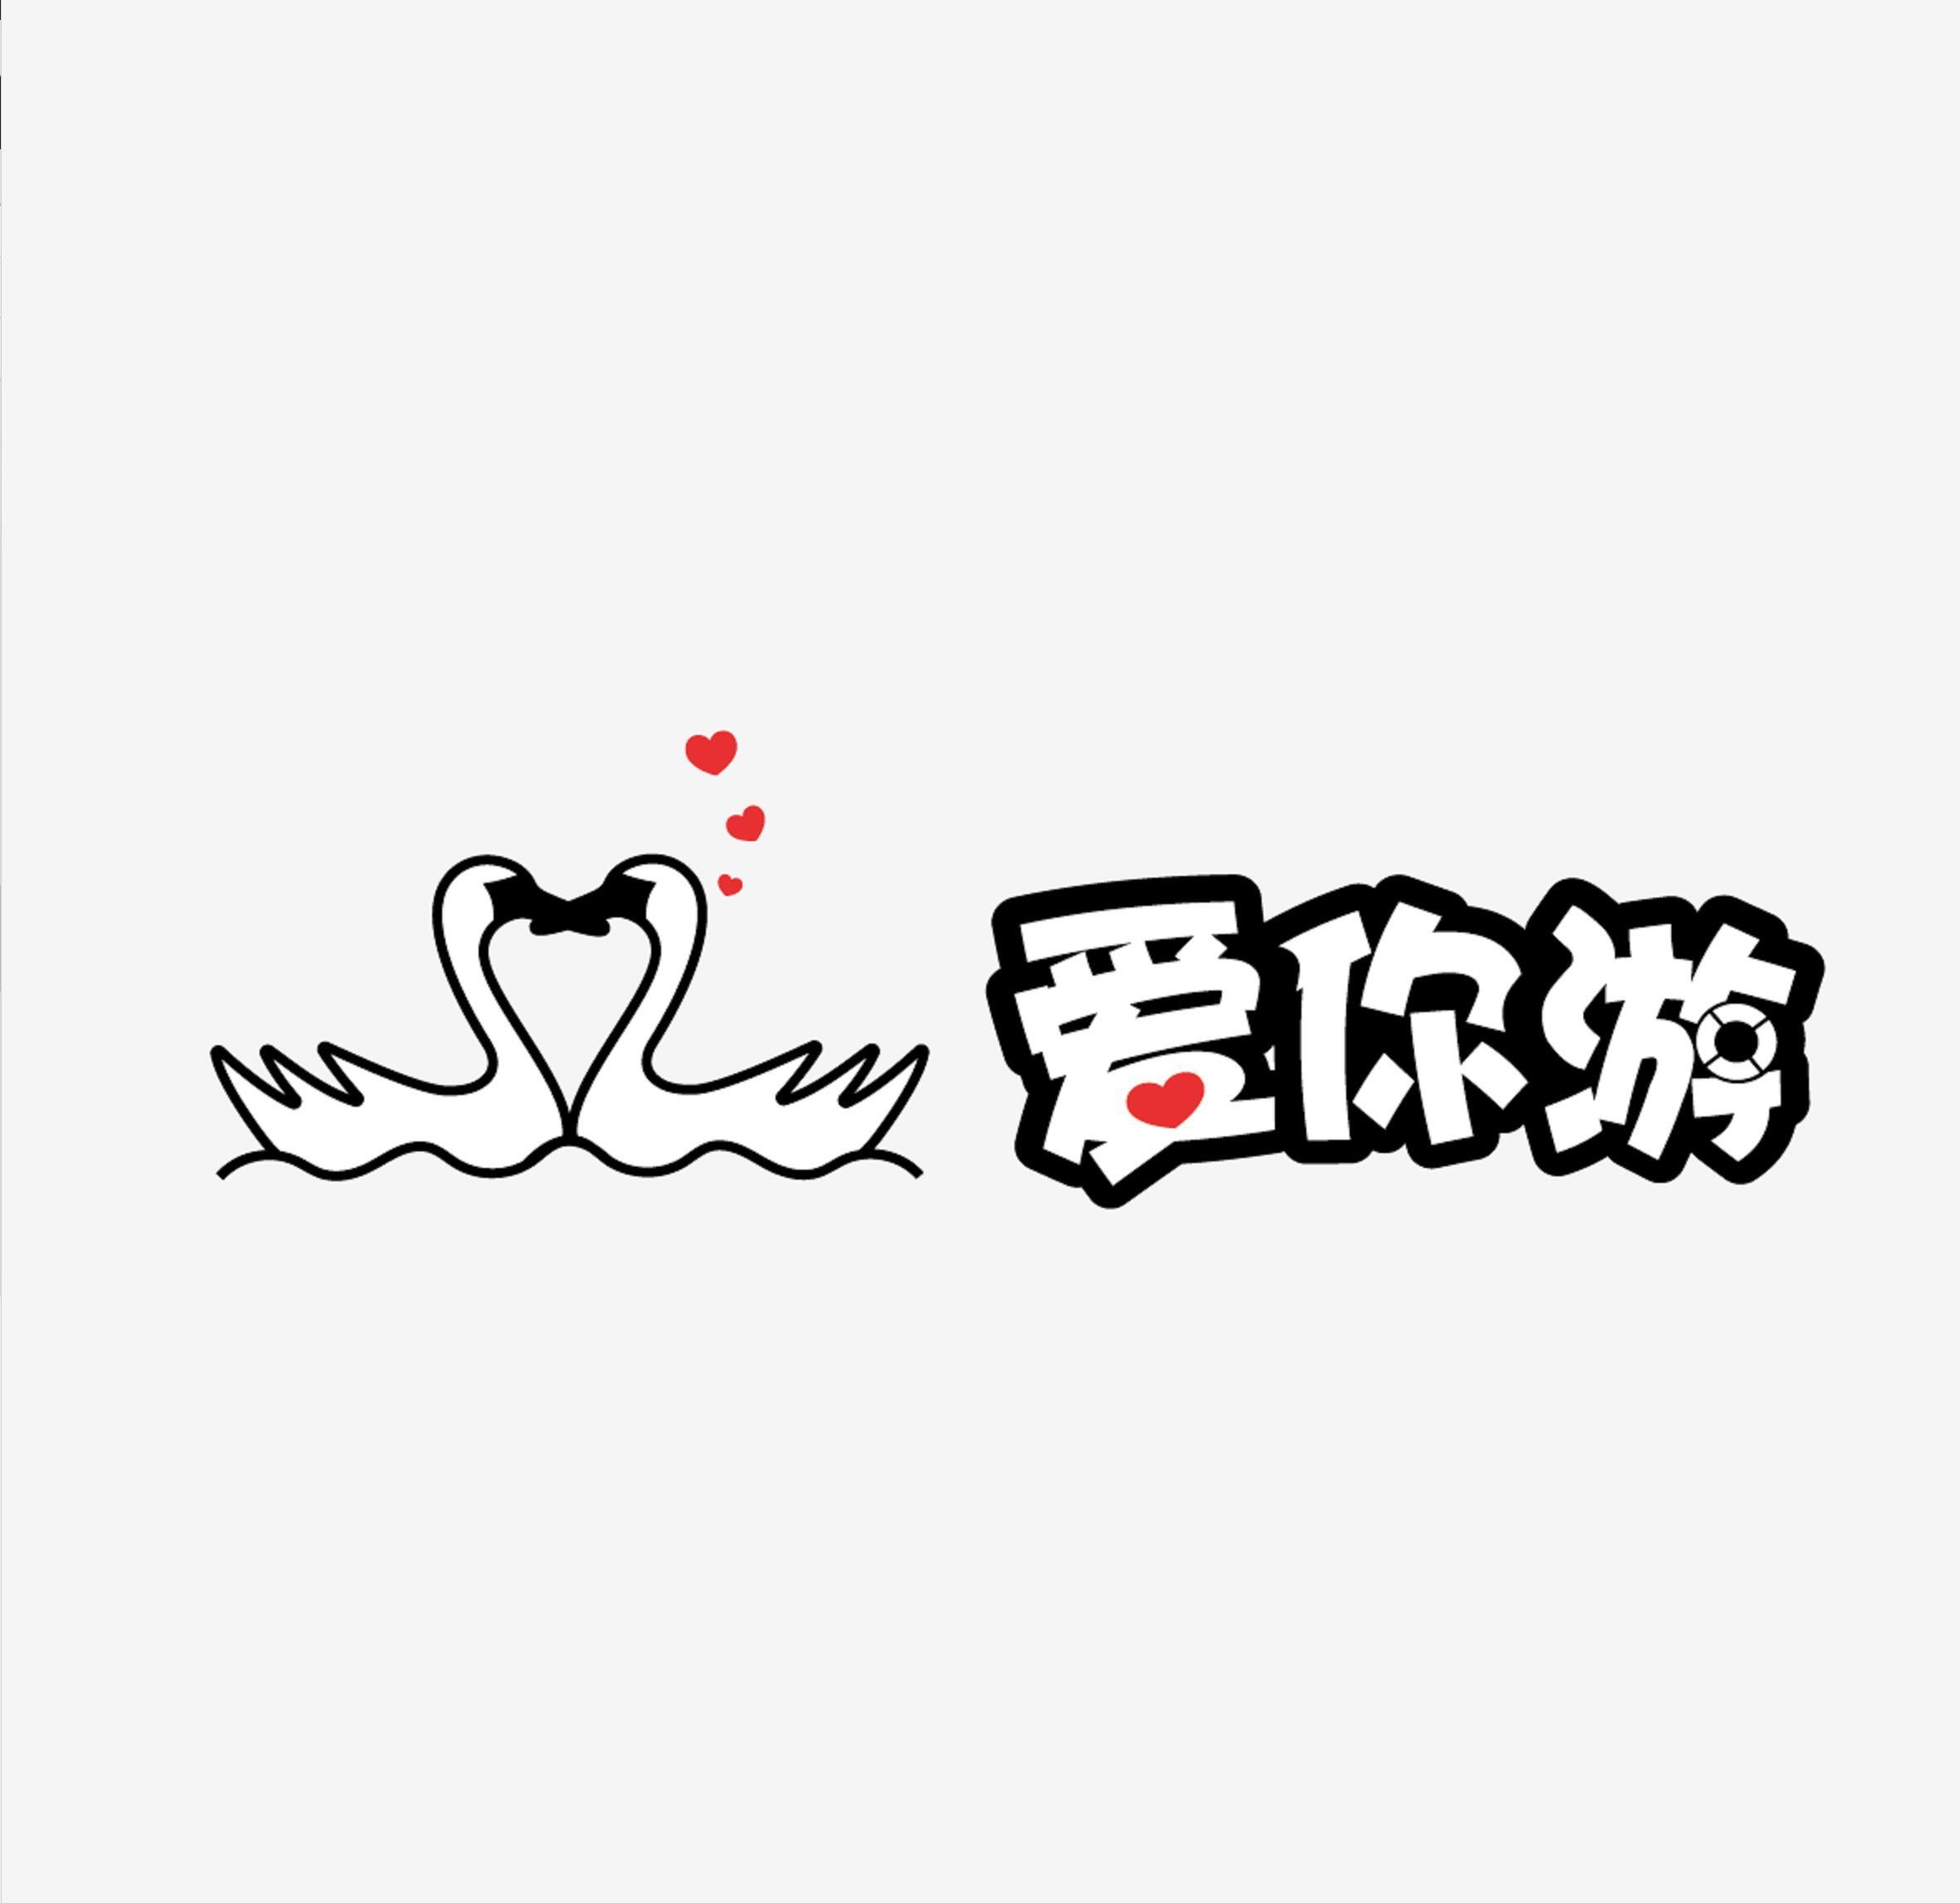 愛你游嬰幼(you)游泳館加(jia)盟